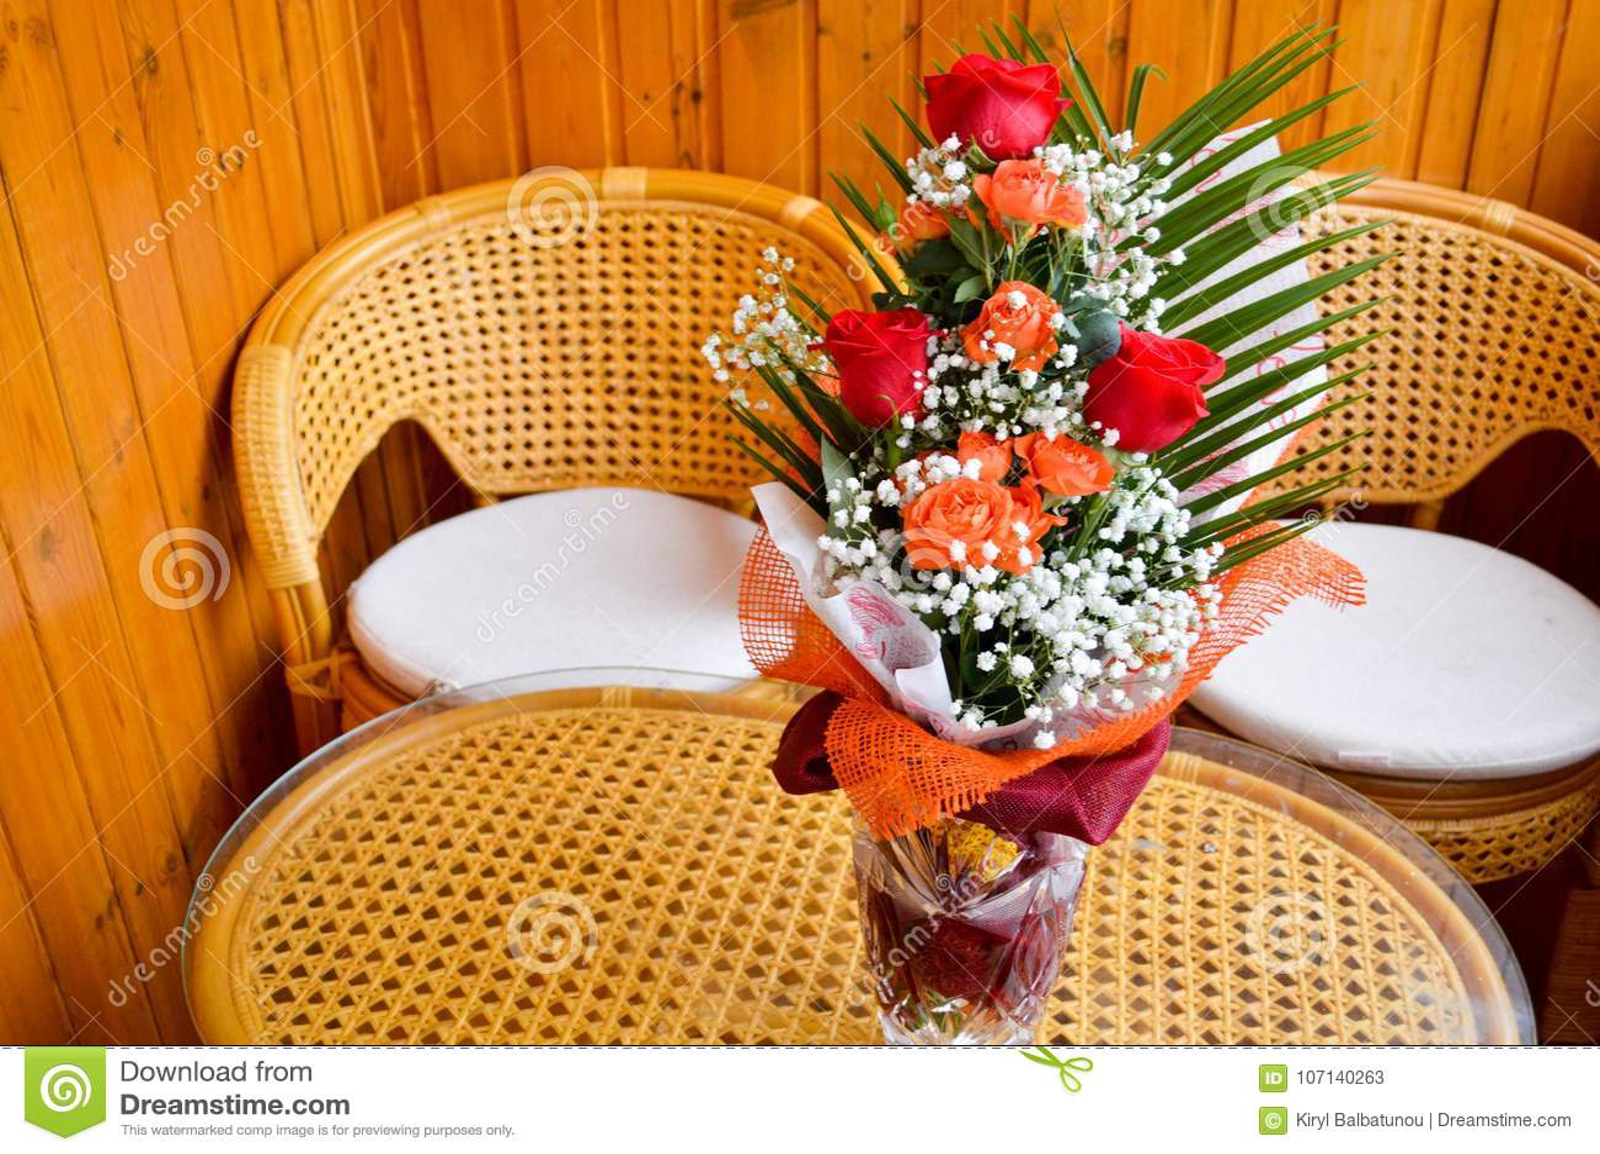 Rode en gele rozen in een boeket met gestrooide witte bloemen op een lijst